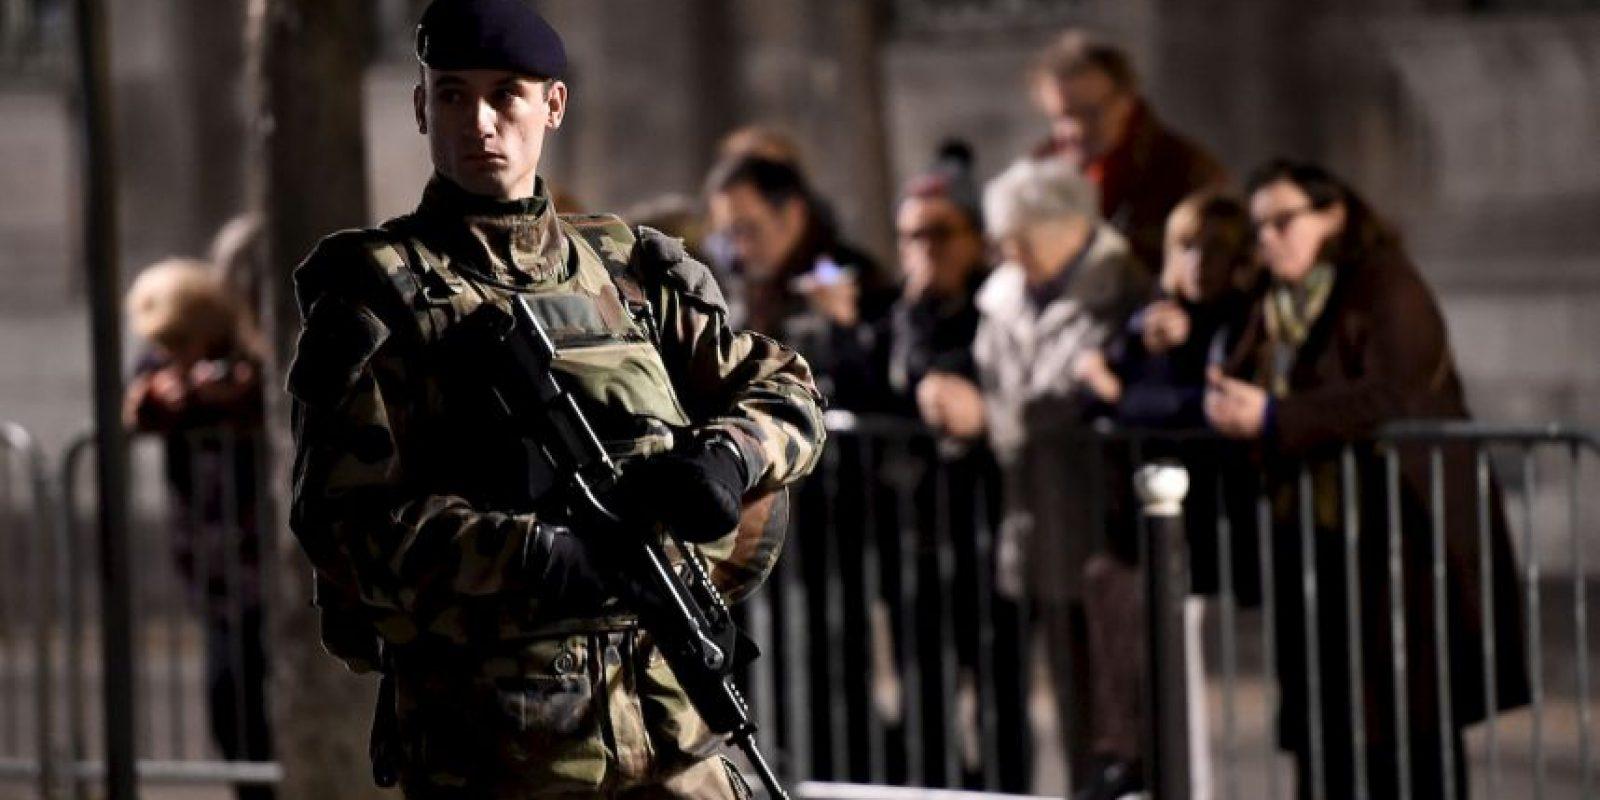 Múltiples países han adoptado estrictas medidas de seguridad tras los atentados terroristas en París. Foto:Getty Images